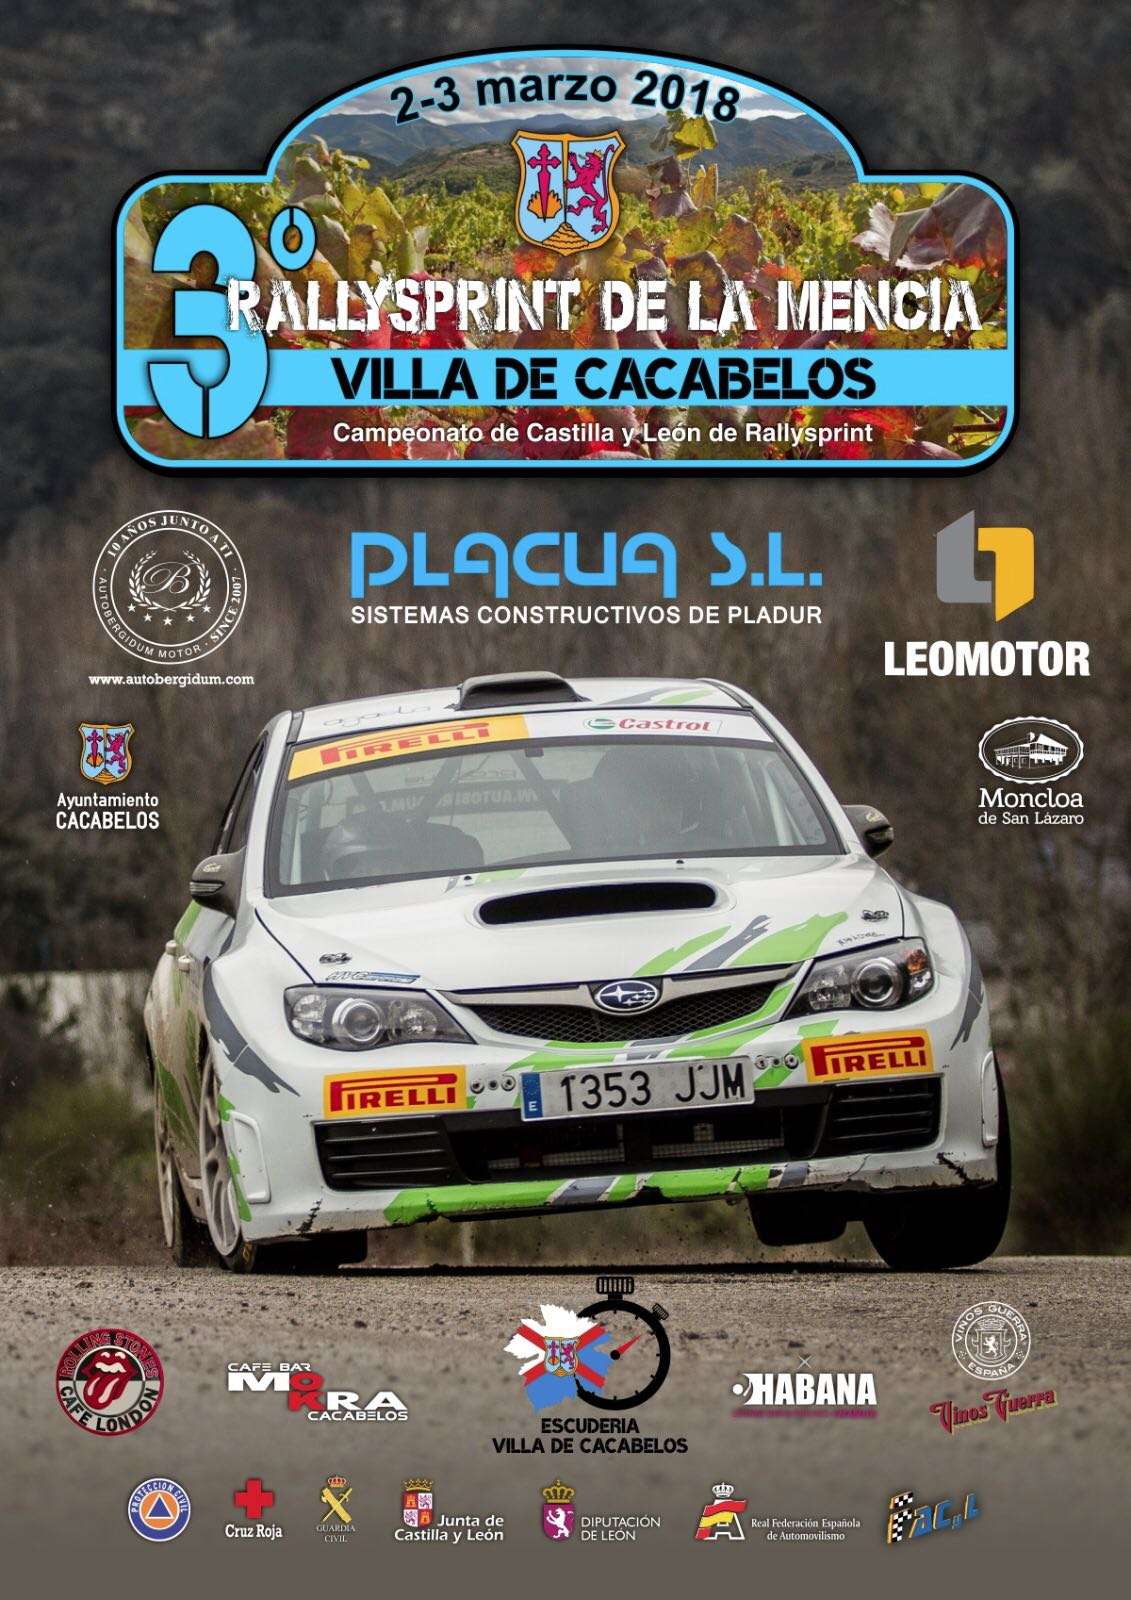 3er Rallysprint de la Mencía: Villa de Cacabelos 1